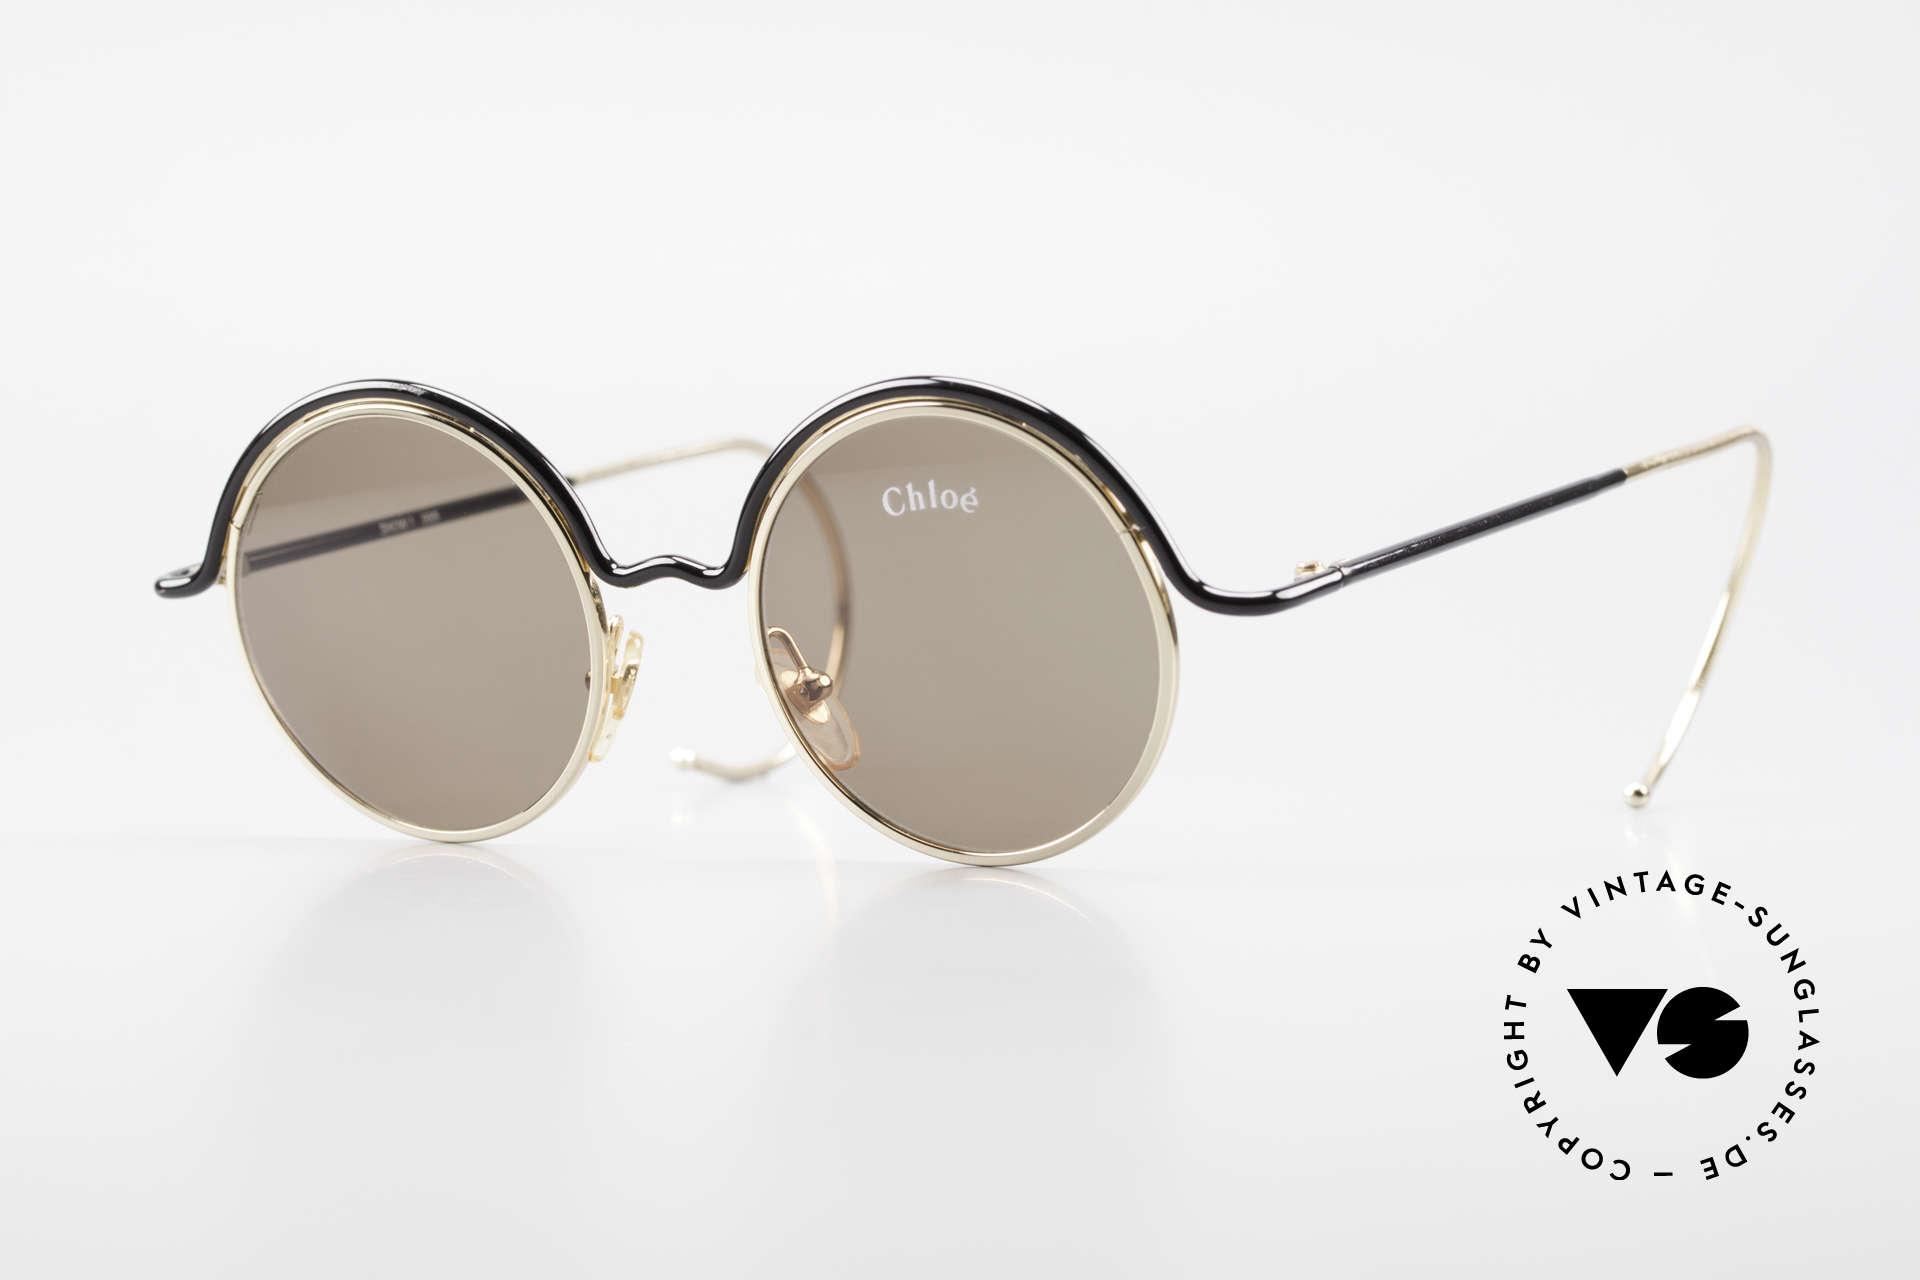 Chloe Show 1 Runde Sonnenbrille Damen, runde vintage Designersonnenbrille von CHLOE, Passend für Damen